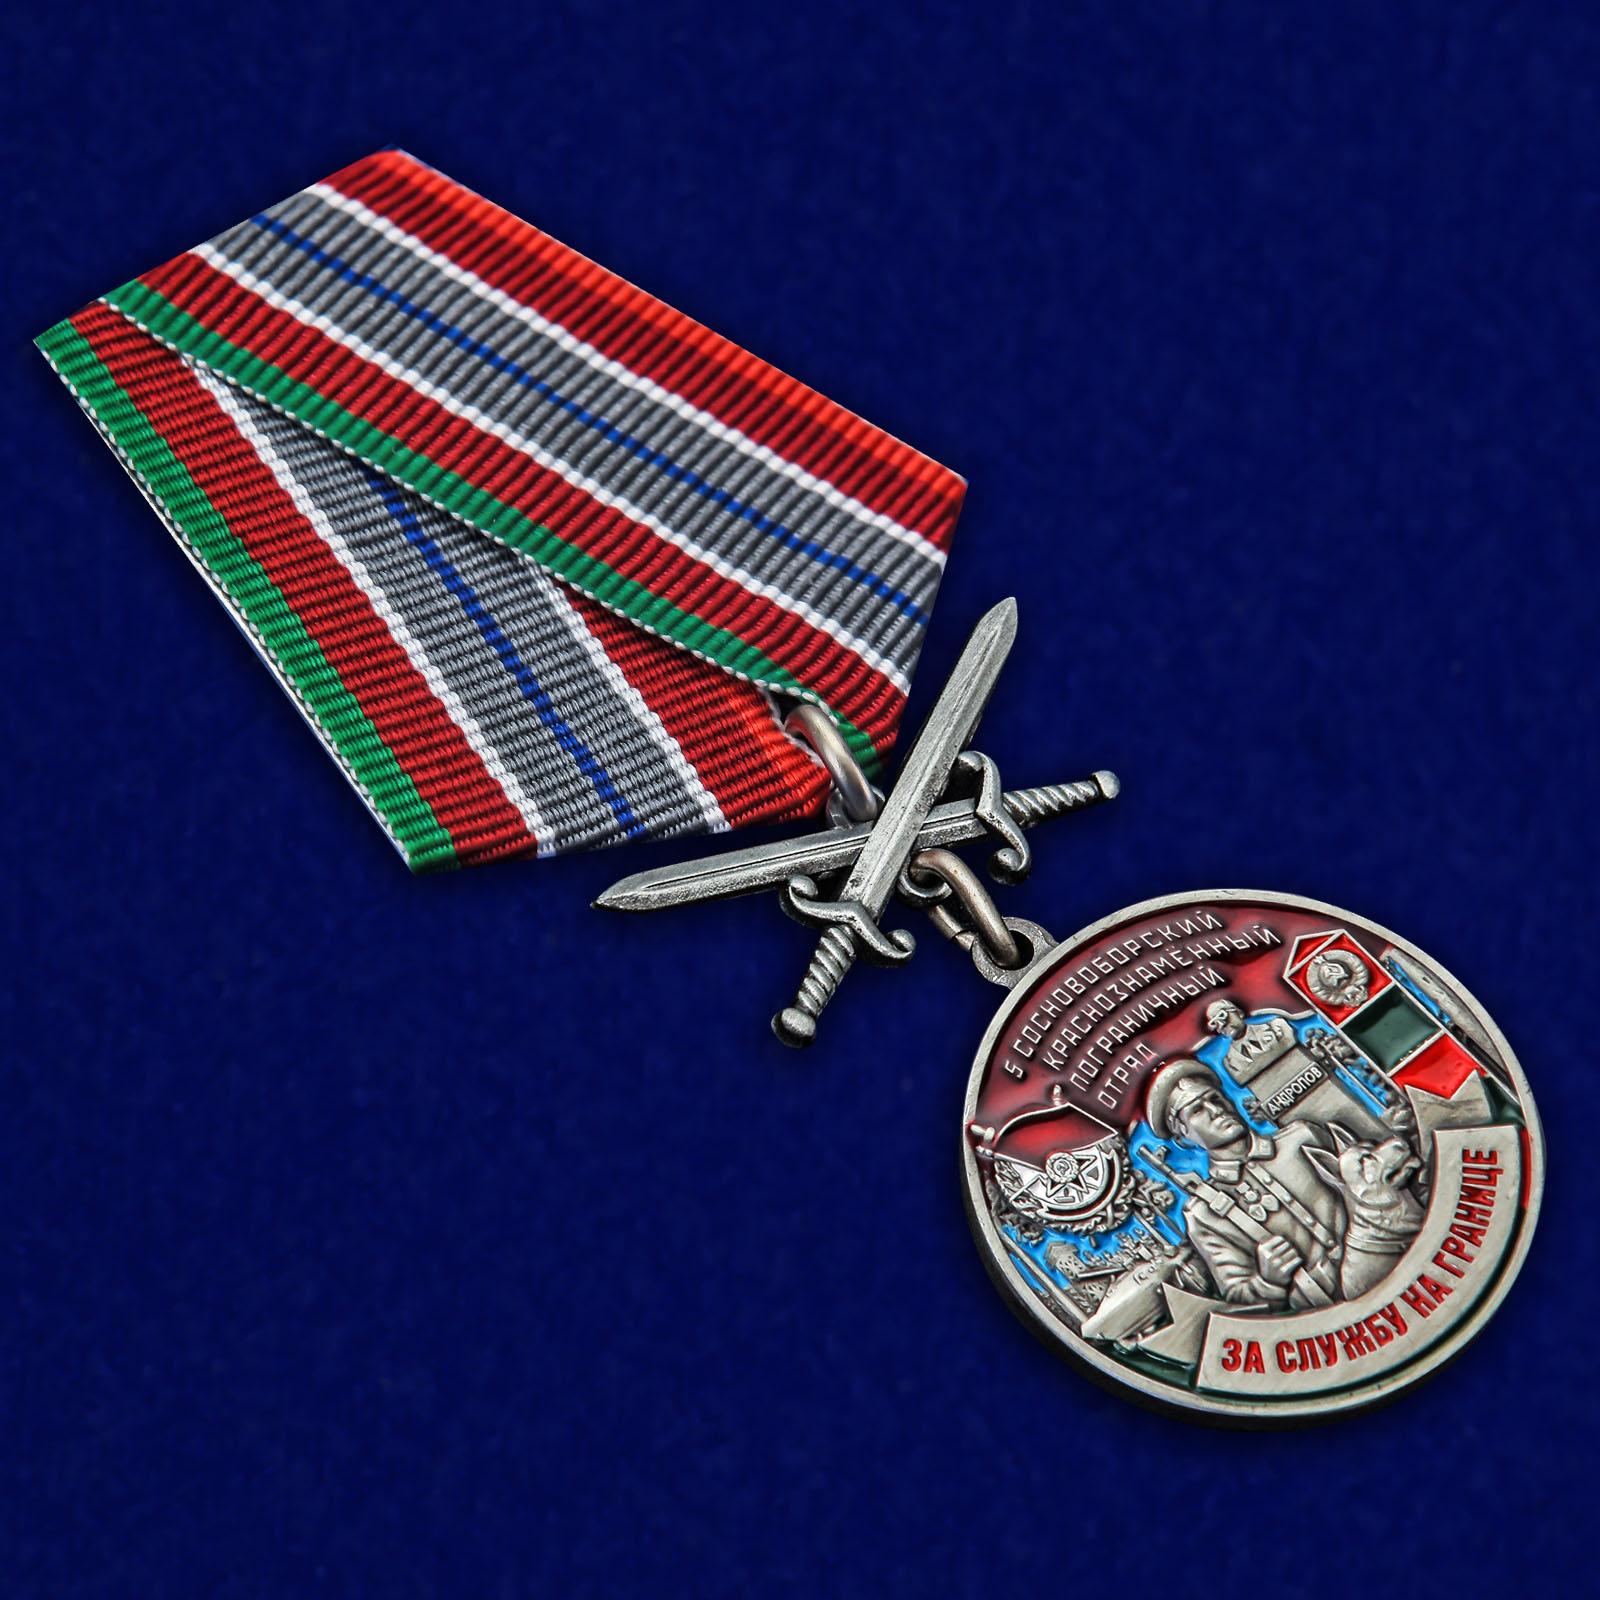 """Купить медаль """"За службу в Сосновоборском пограничном отряде"""""""